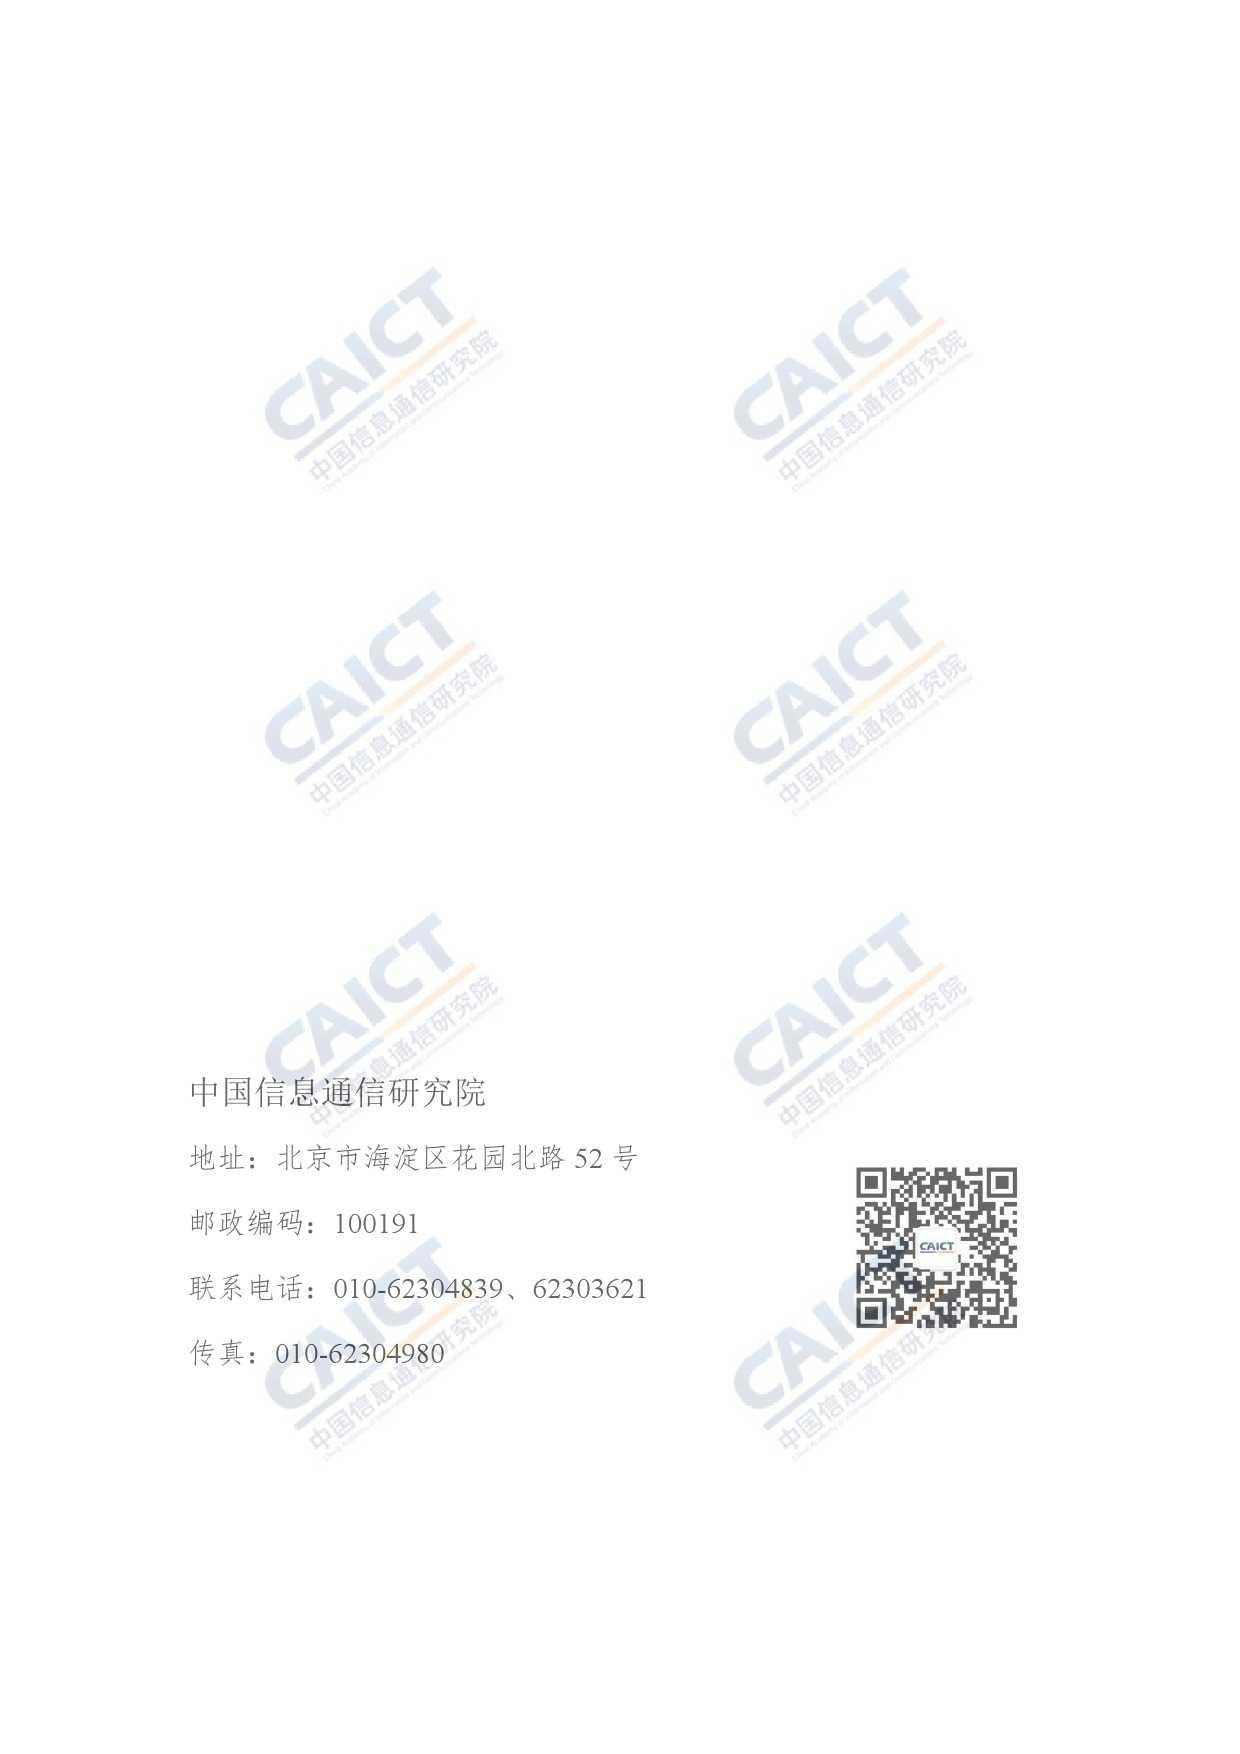 中国信息通信研究院:2015年物联网白皮书_000039